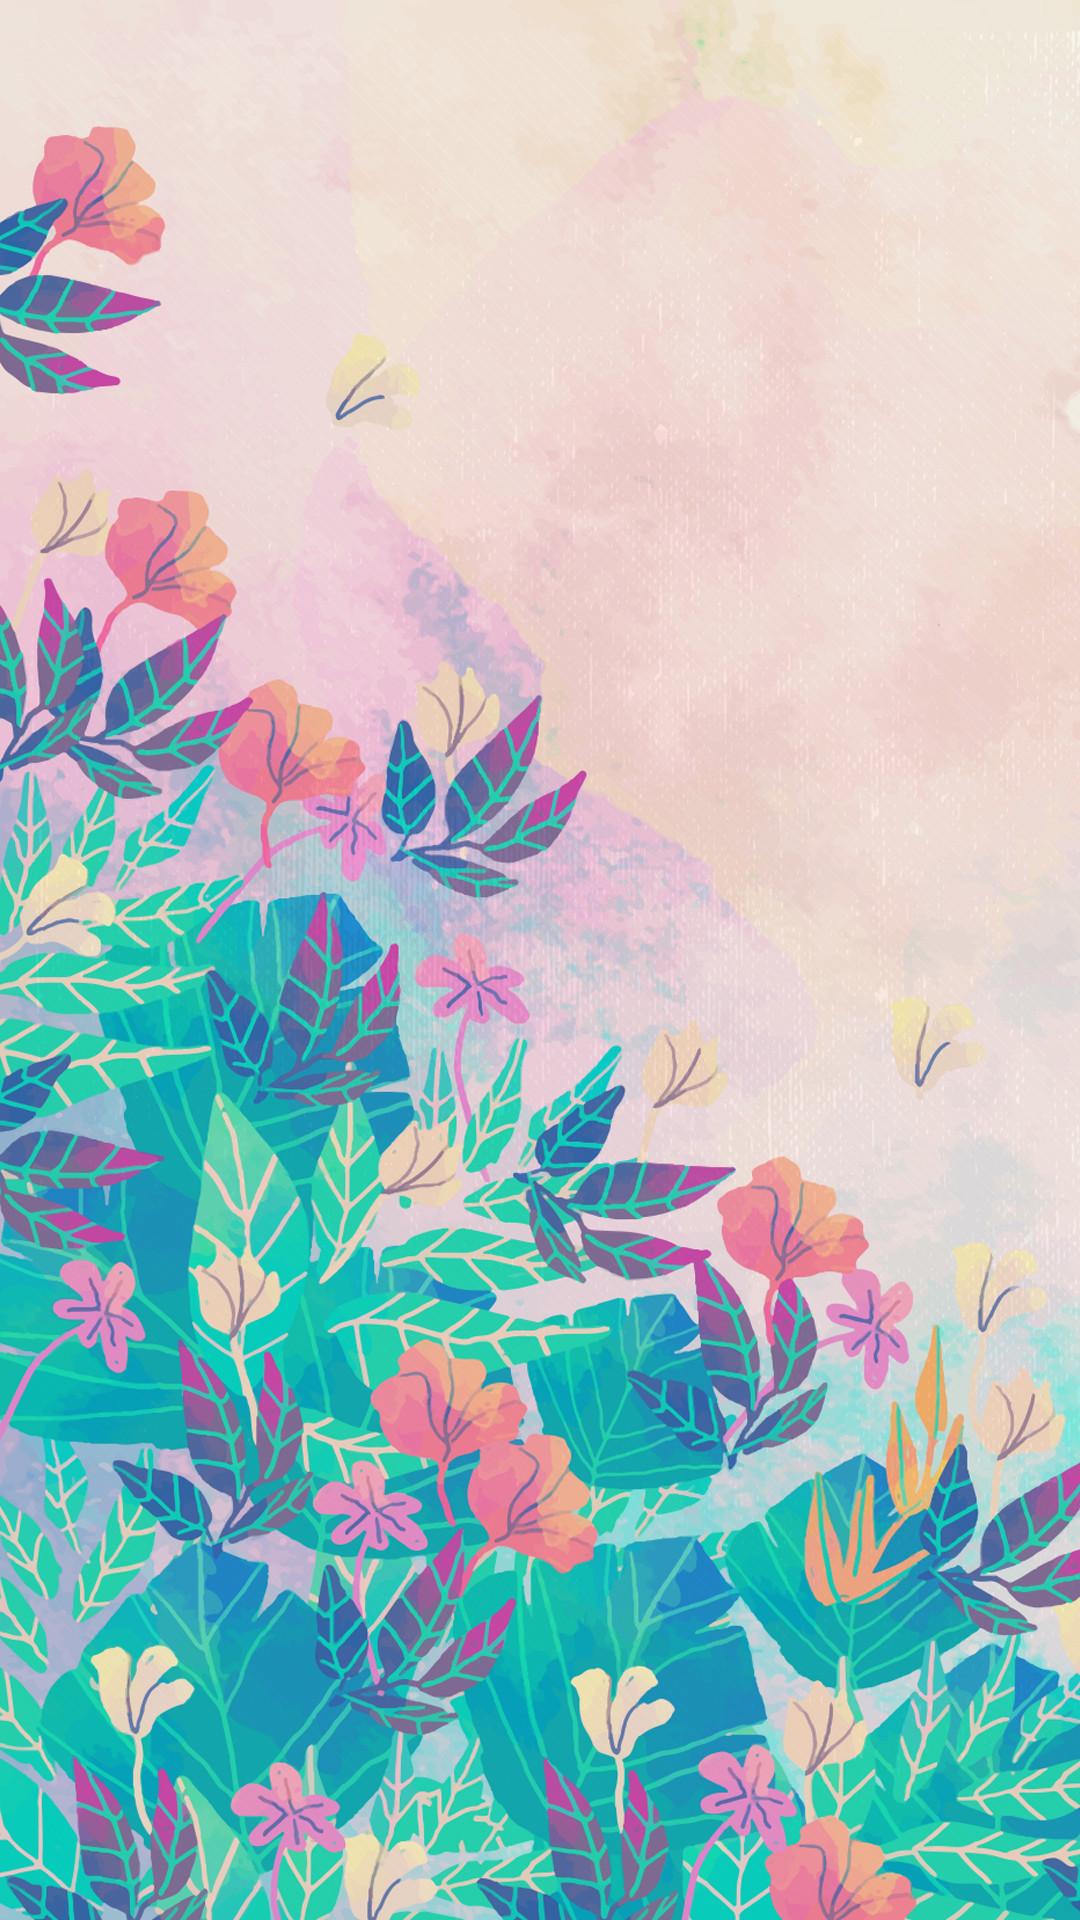 1242x2208 west-elm-watercolor-fern-wallpaper-2.jpg 1,242×2,208